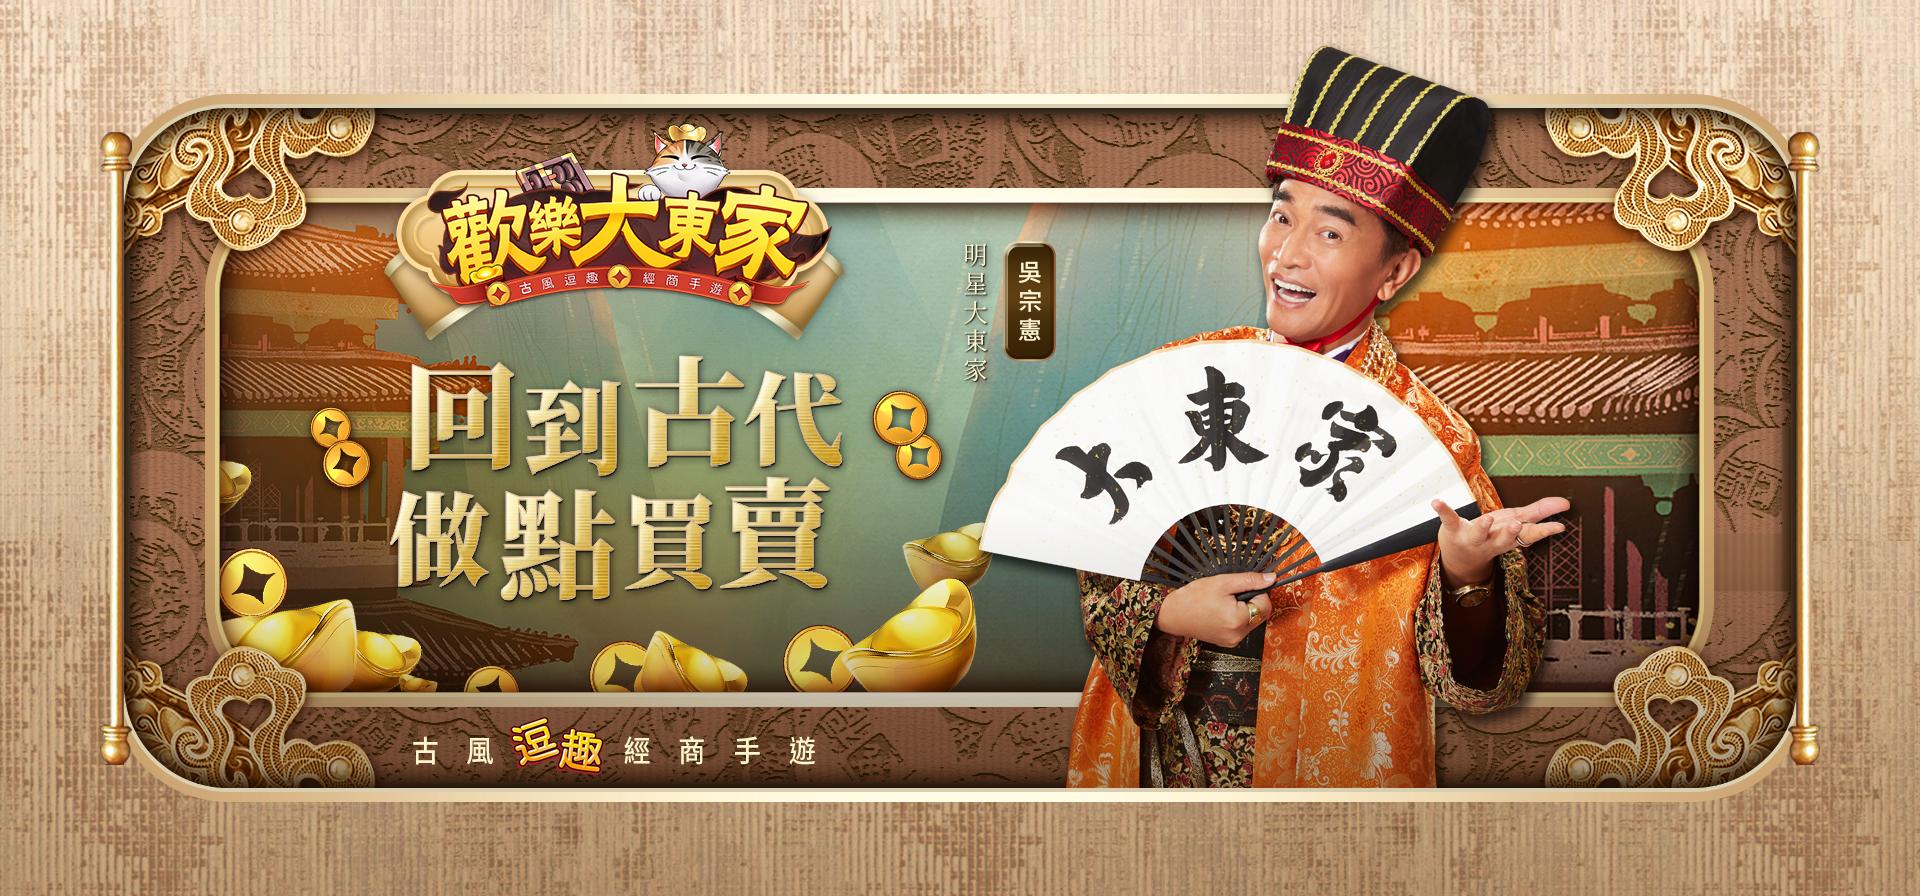 圖片1.代言人的真實身分是綜藝天王吳宗憲,玩家們有猜到嗎?